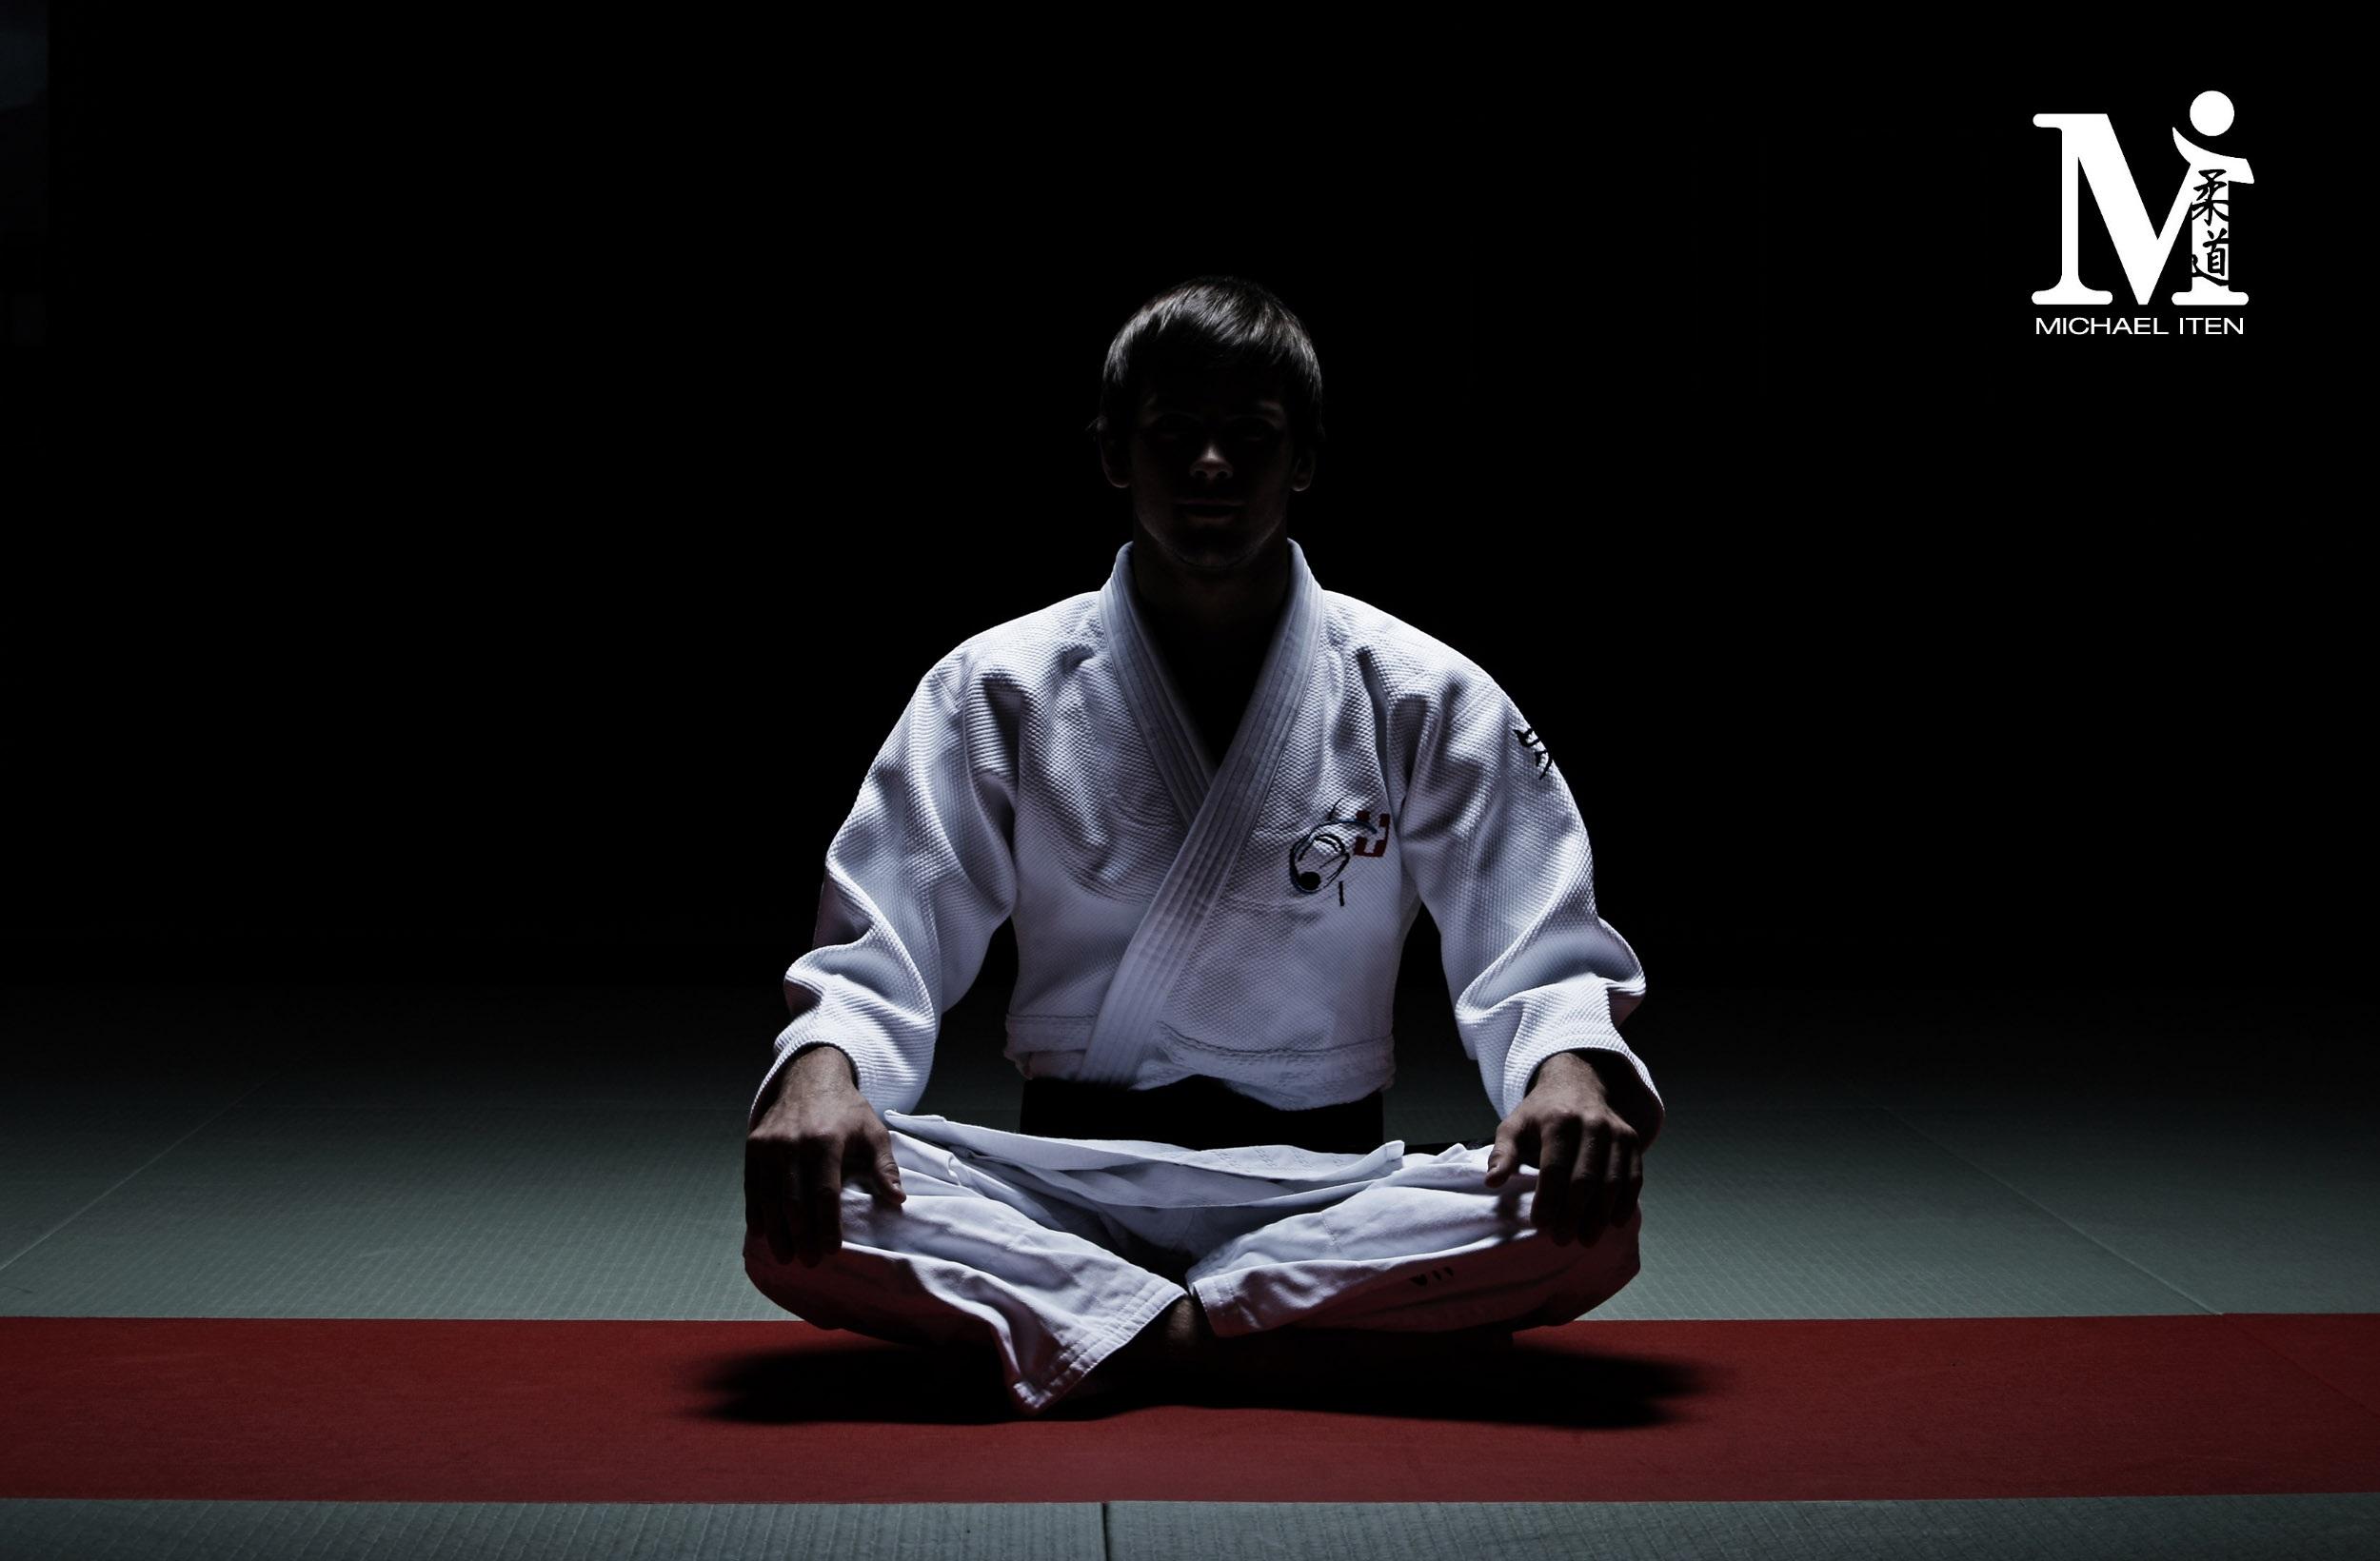 Judo Wallpaper 2500x1640